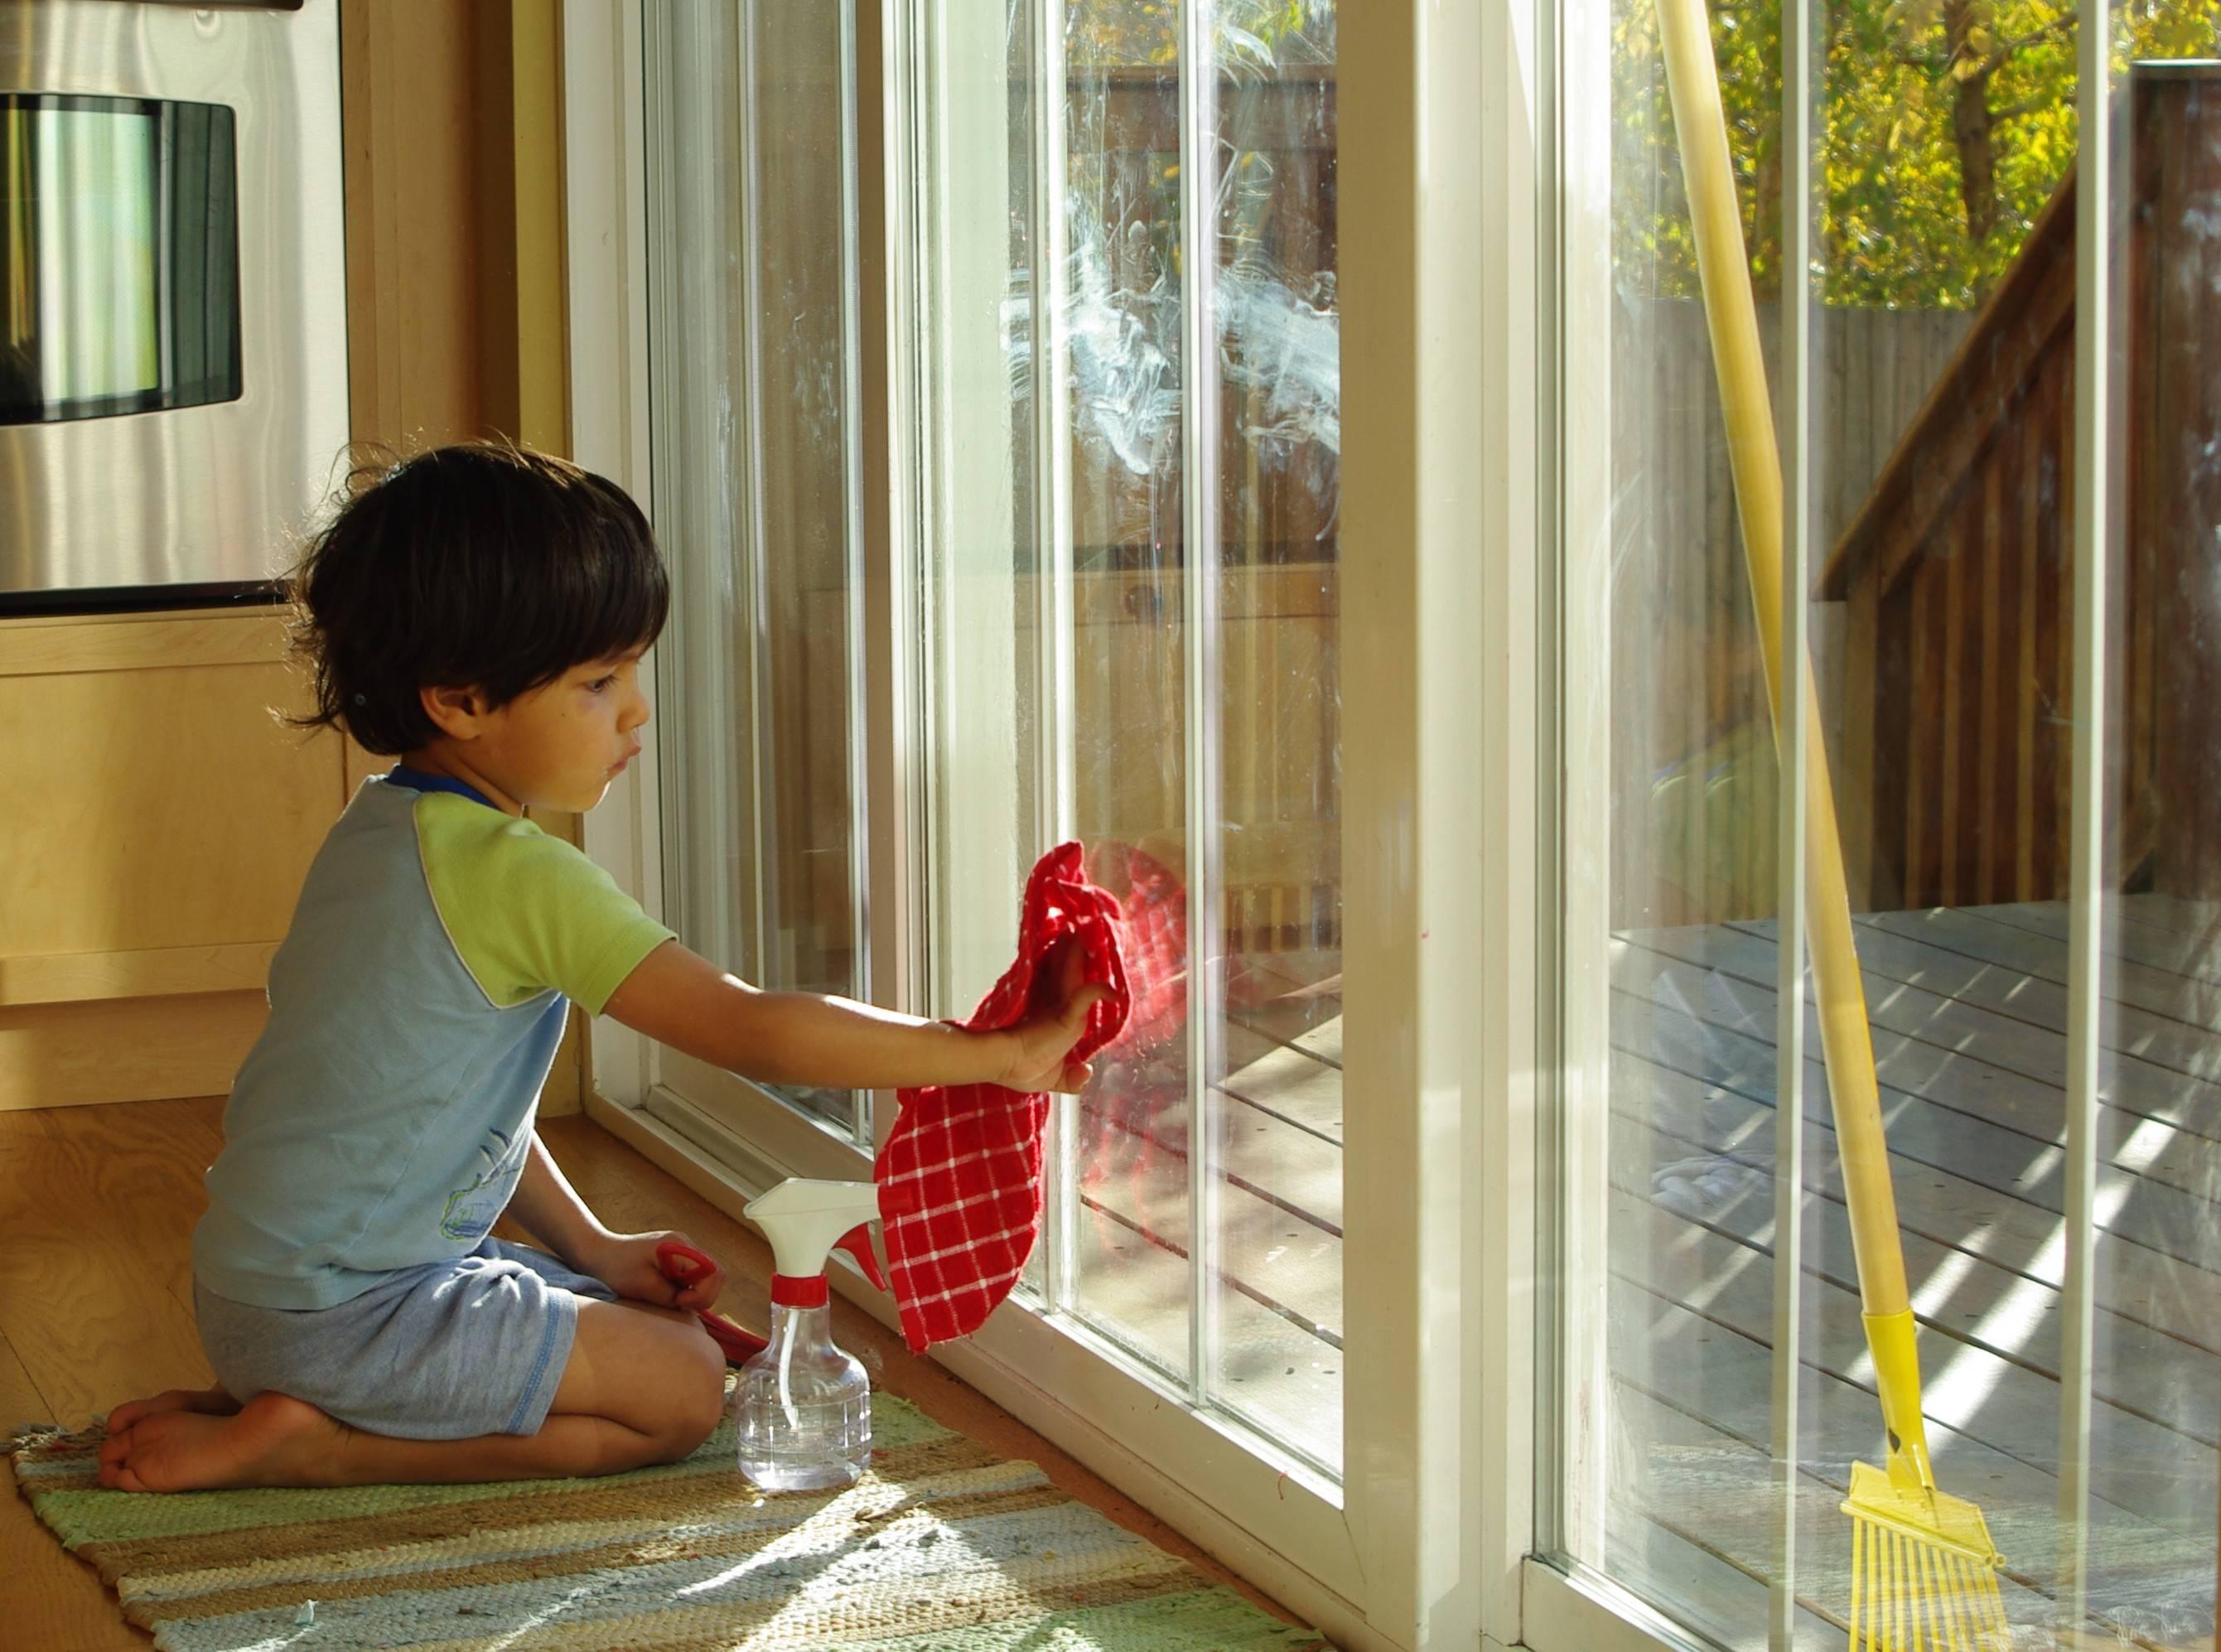 Как помыть окна без разводов: средства, инструменты и способы чистки окон